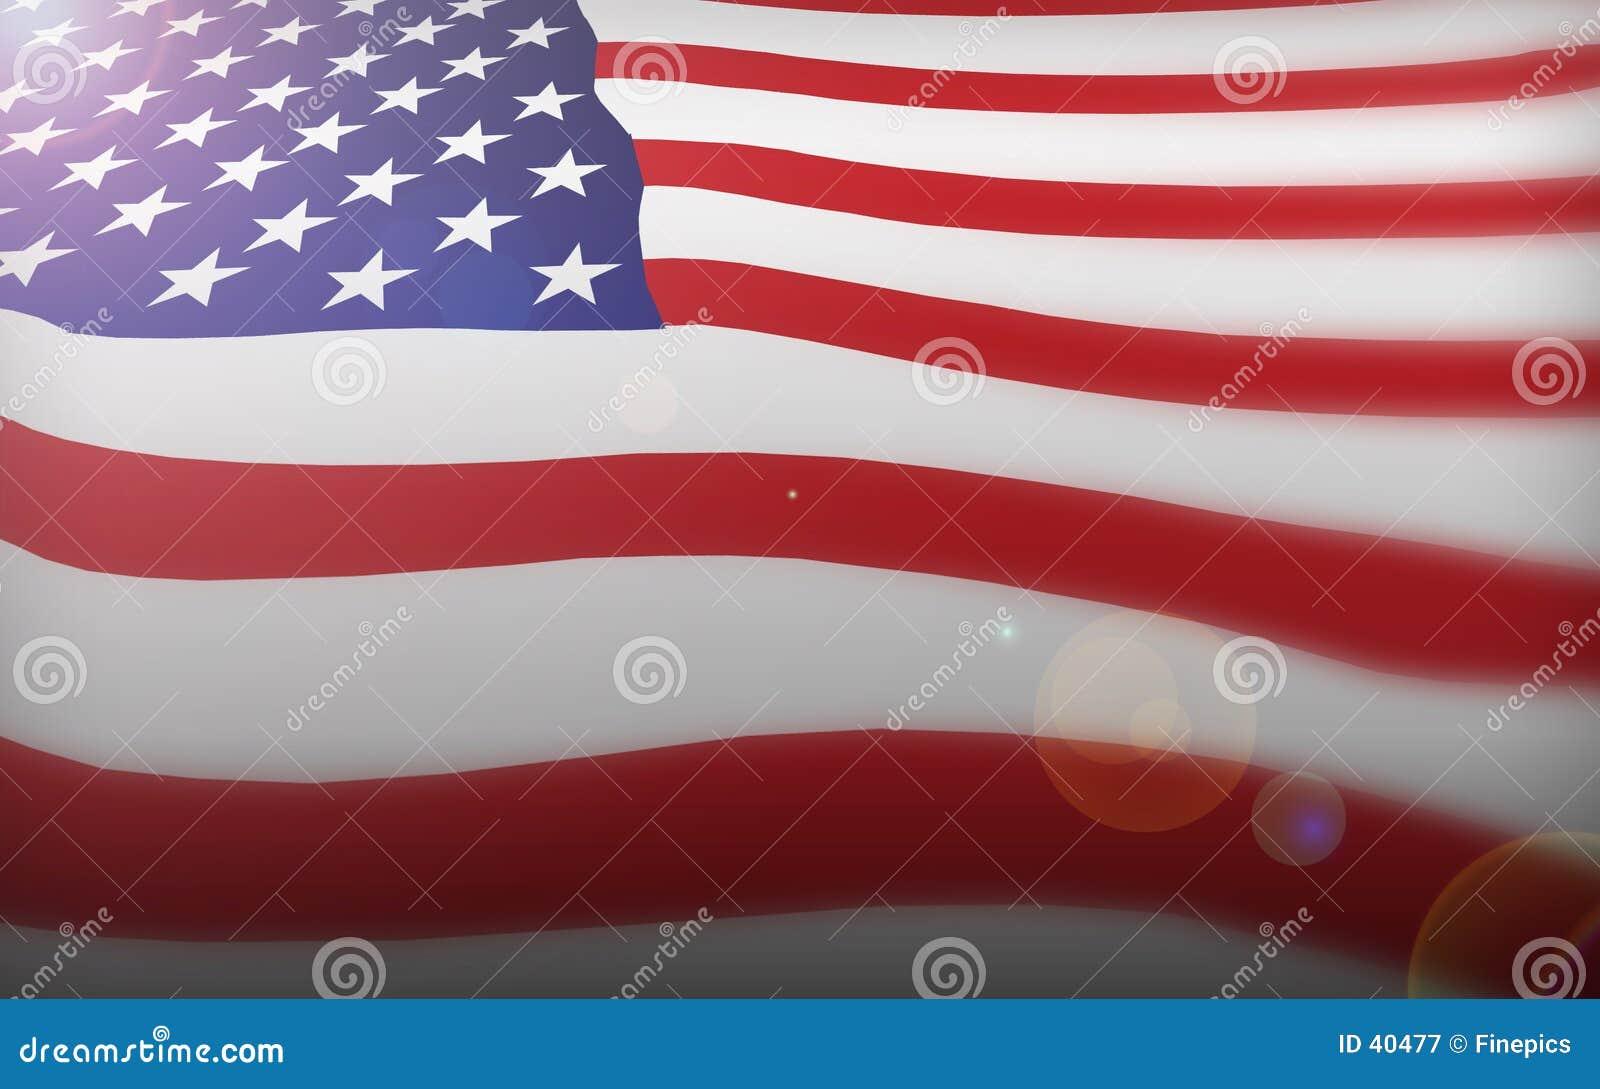 Chwała amerykańskiej flagi stara